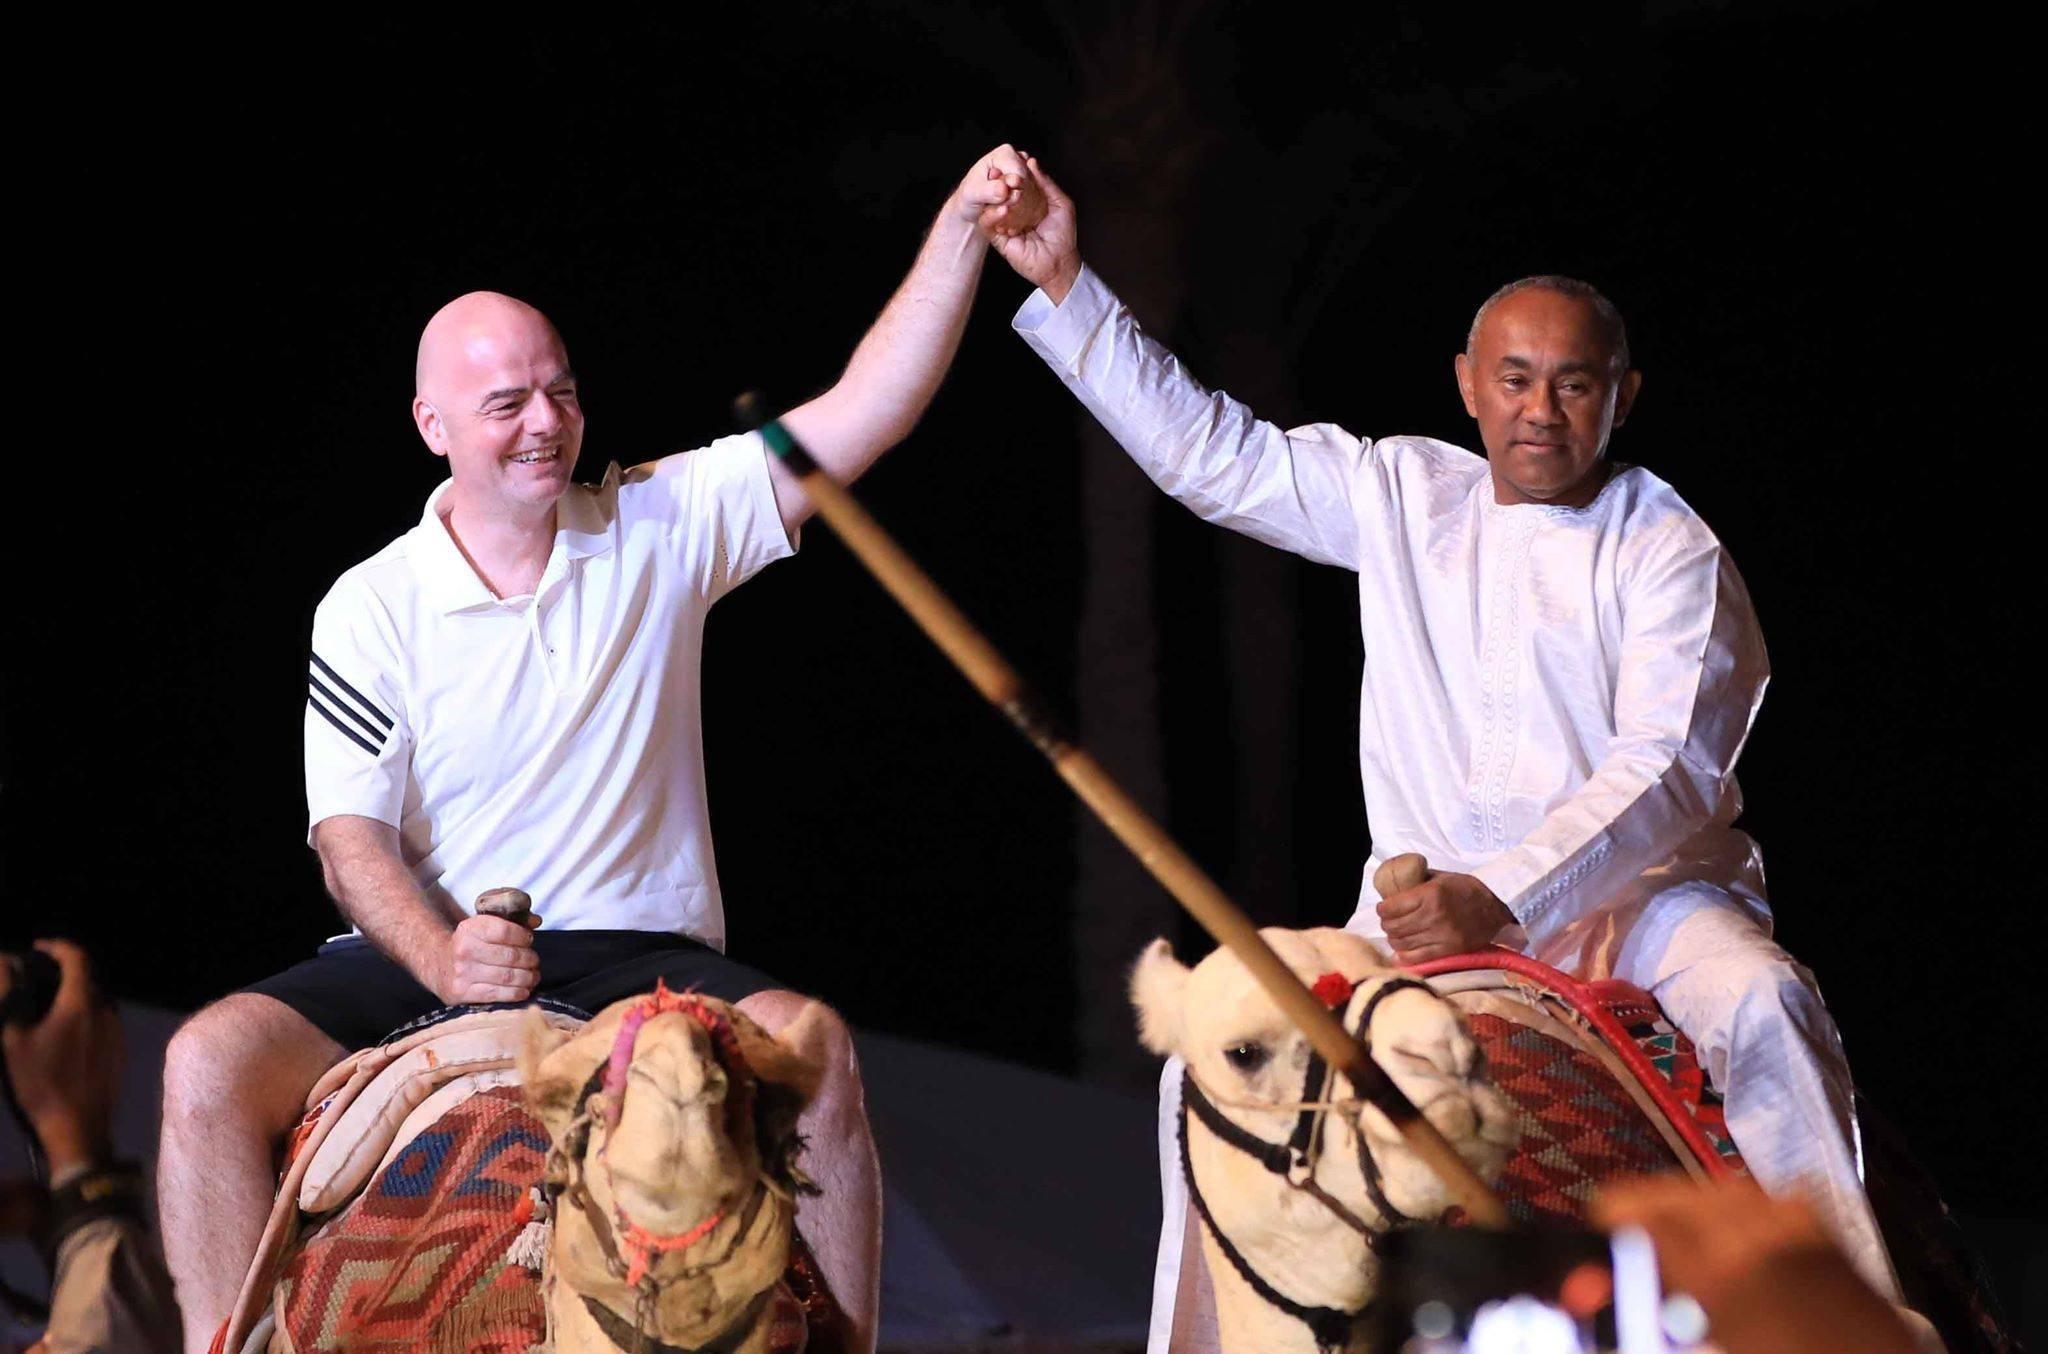 أحمد أحمد و رئيس الفيفا فى شرم الشيخ